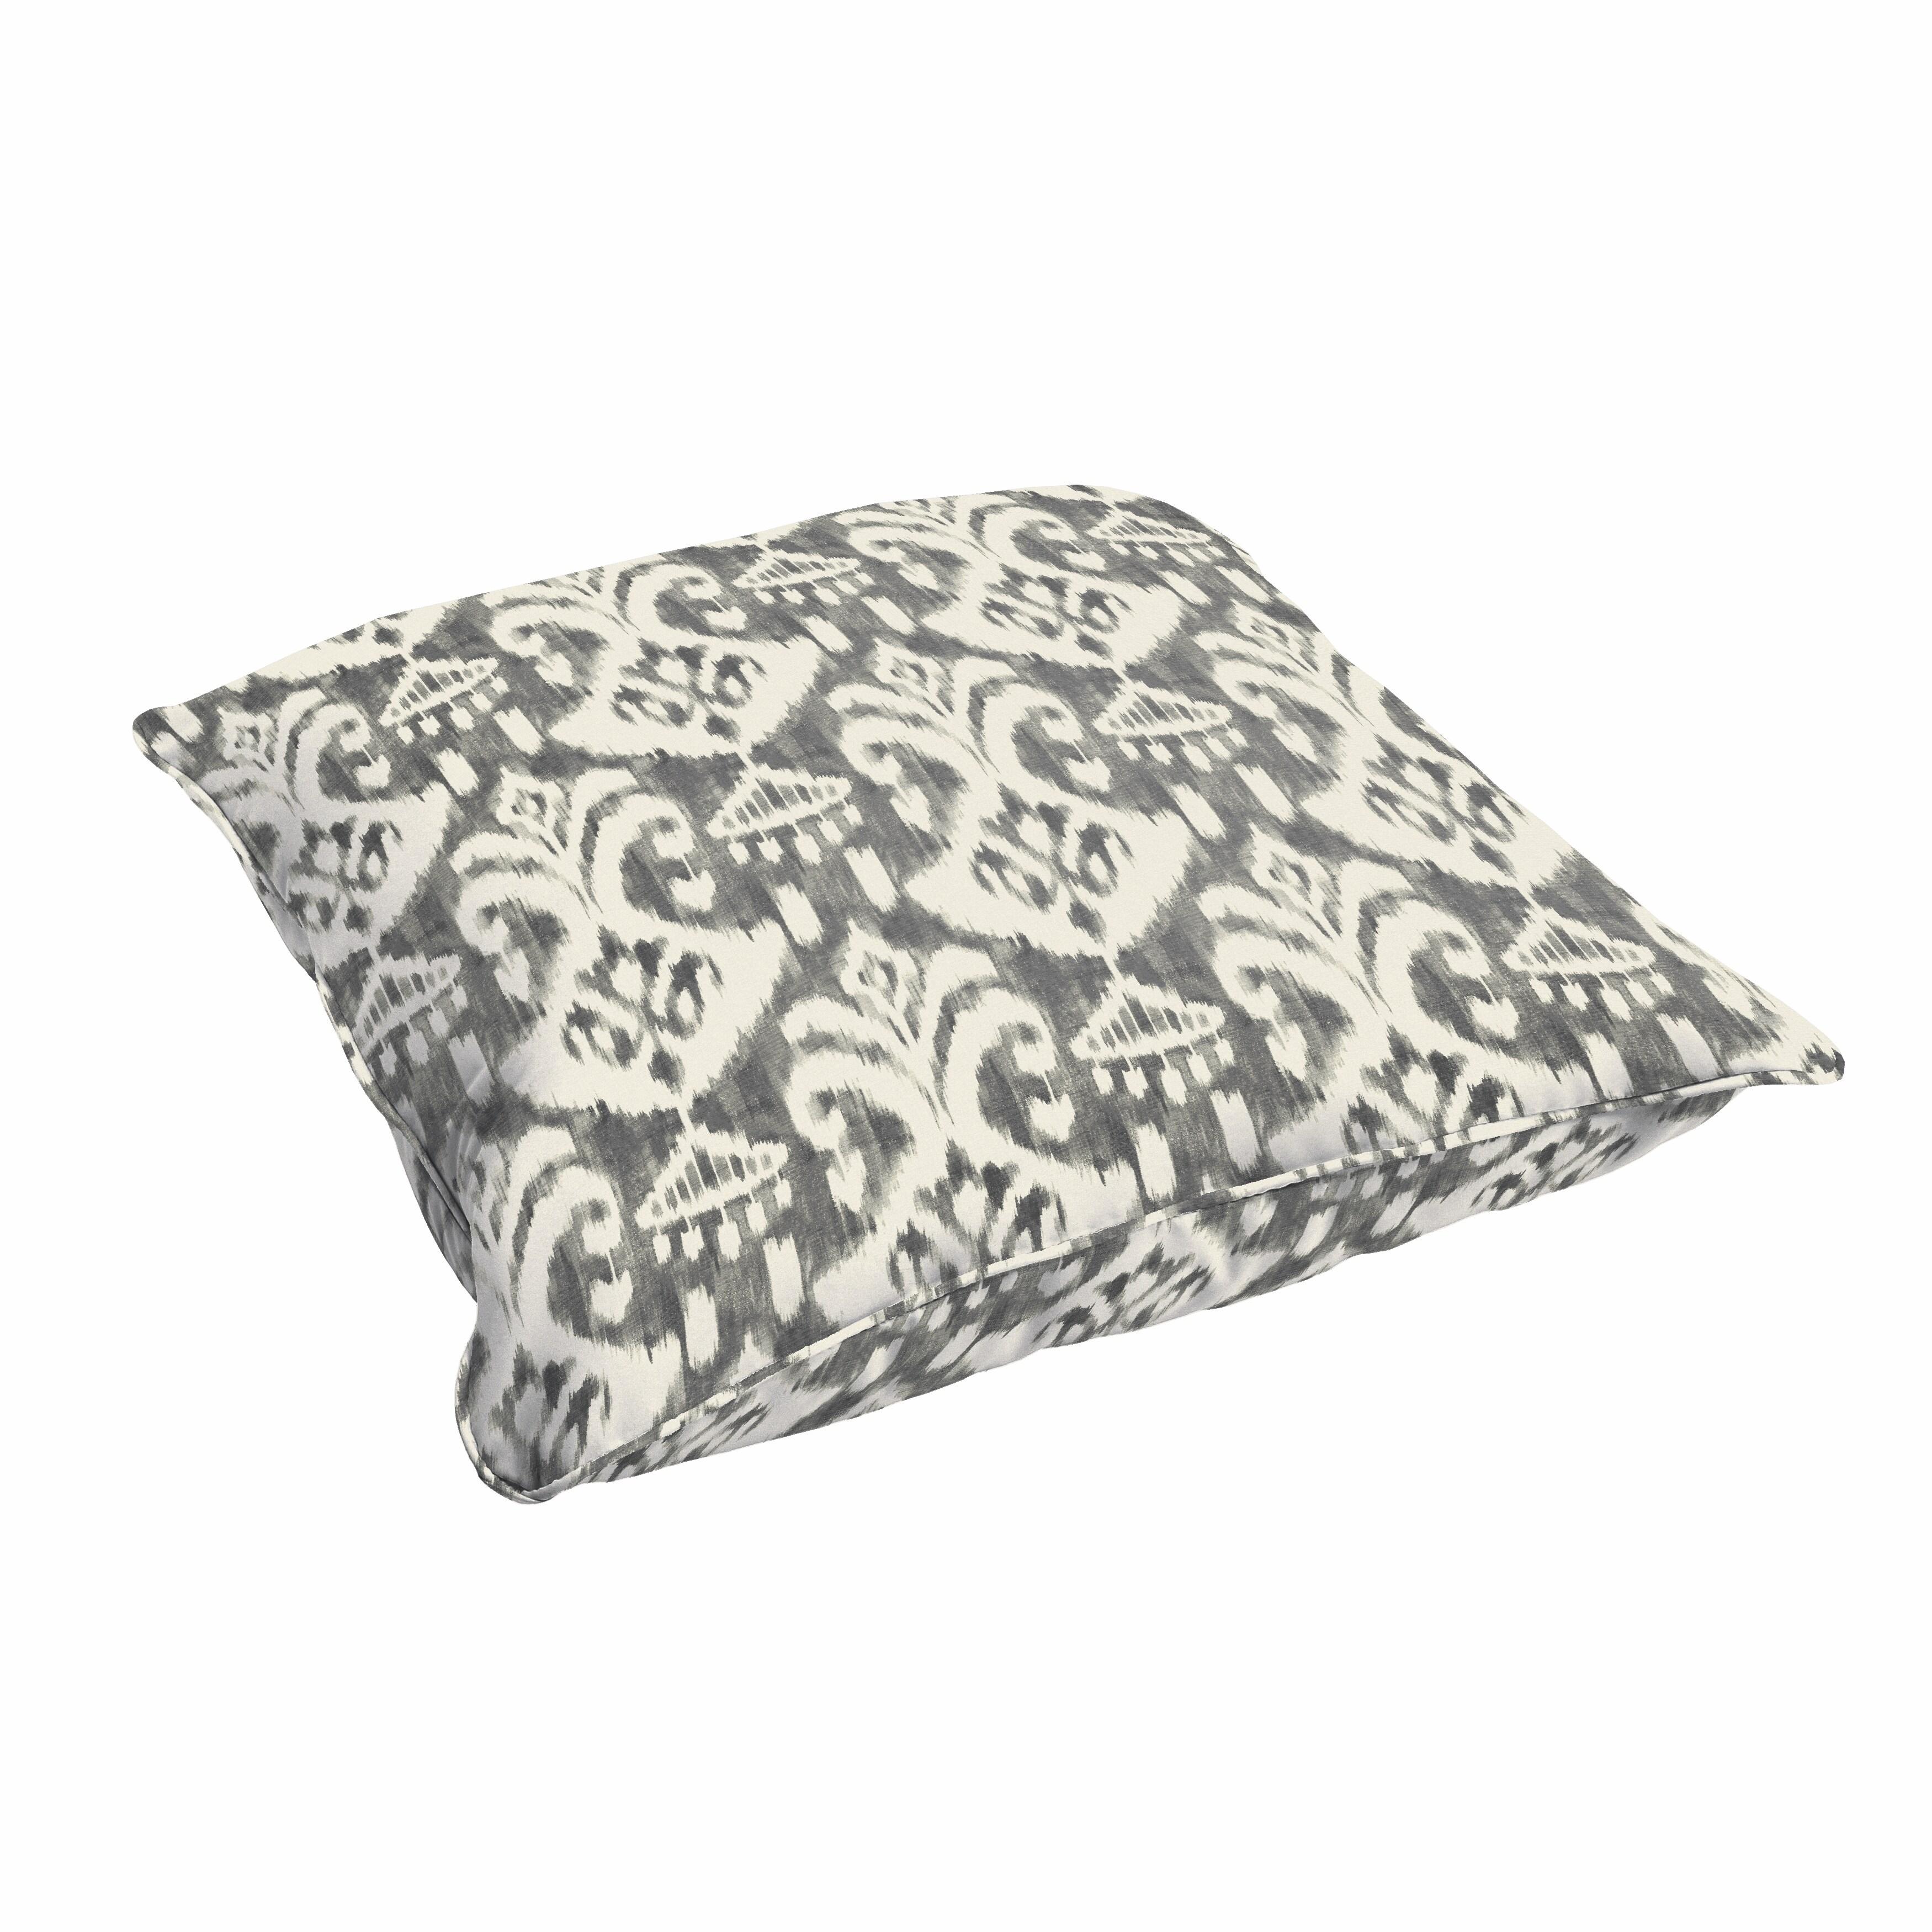 Details About Rainford Grey Cream Indoor Outdoor 26 Inch Floor Corded Pillow